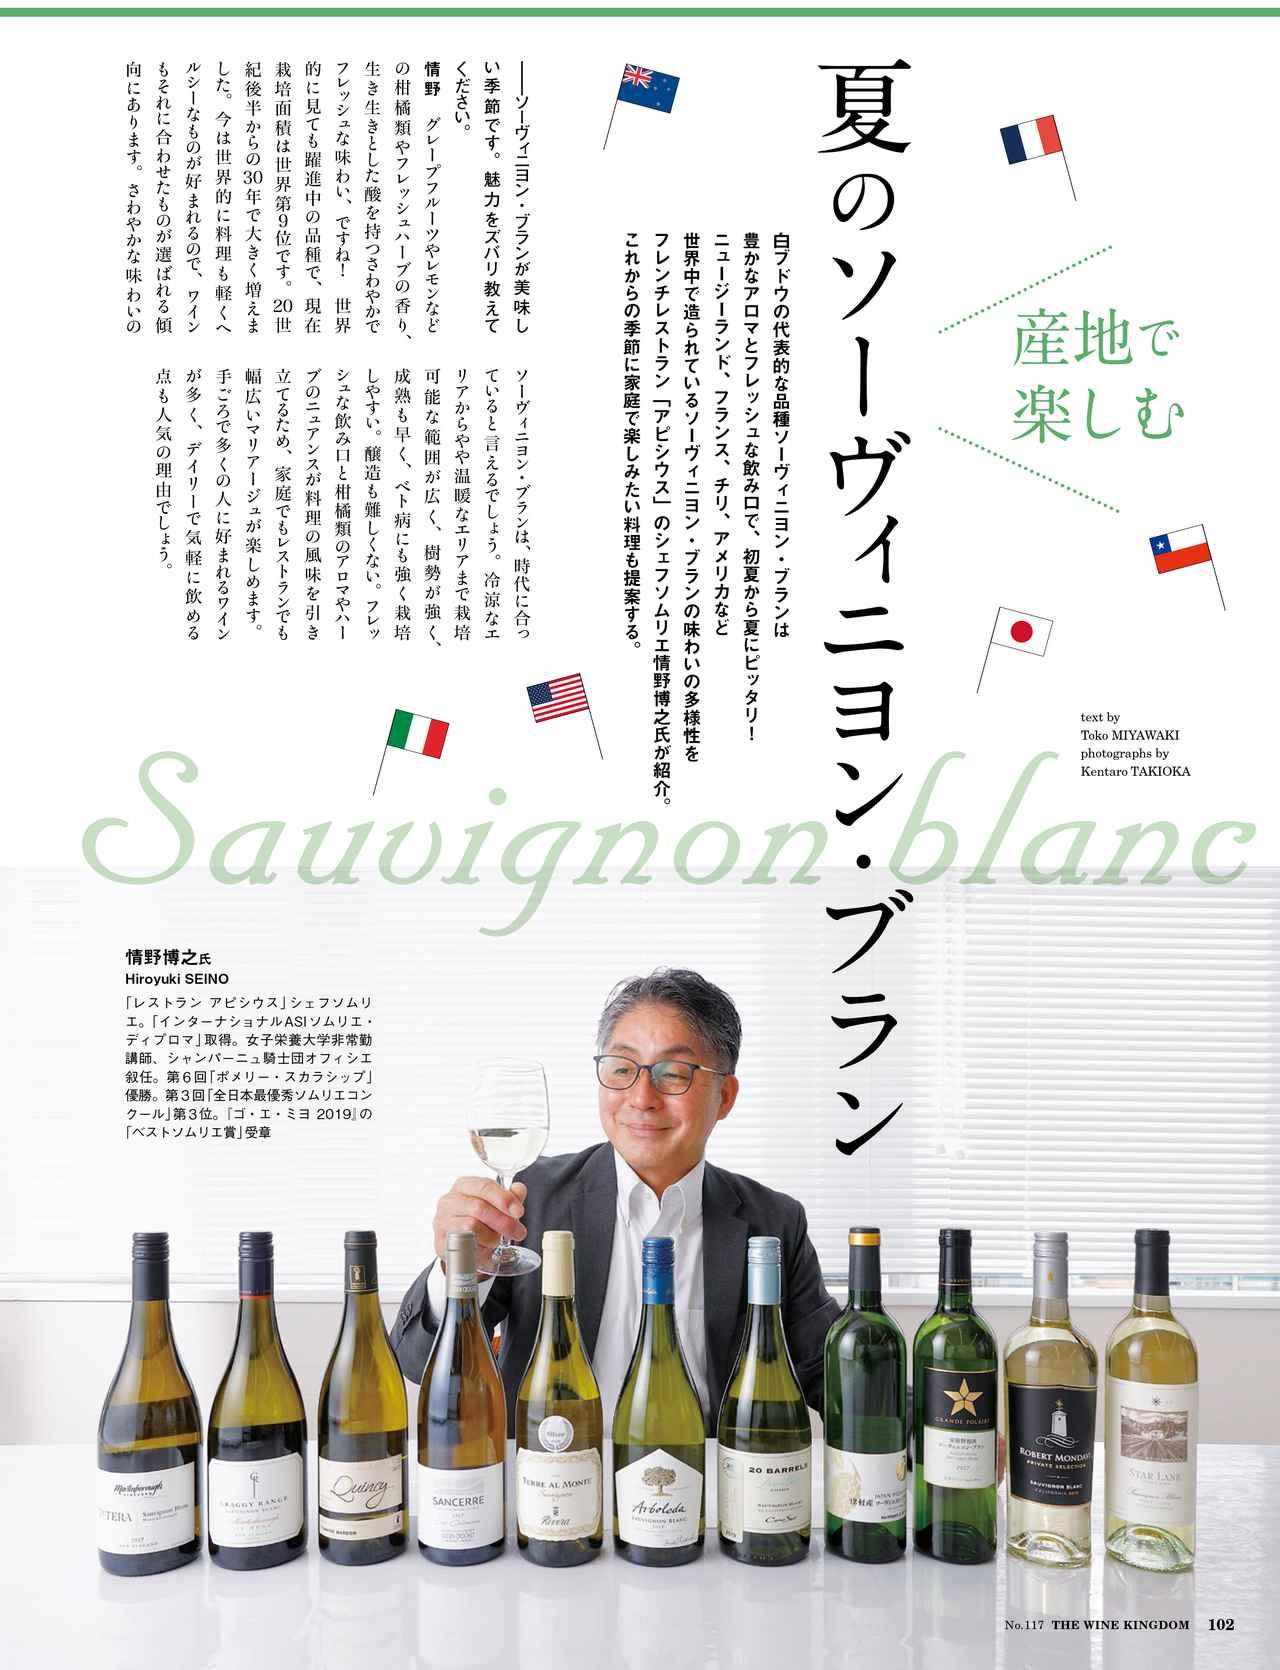 画像3: 『ワイン王国 117号』日本ワイン 注目のグラン・クリュを大特集/抽選で豪華商品もあり ラベルグランプリ開催